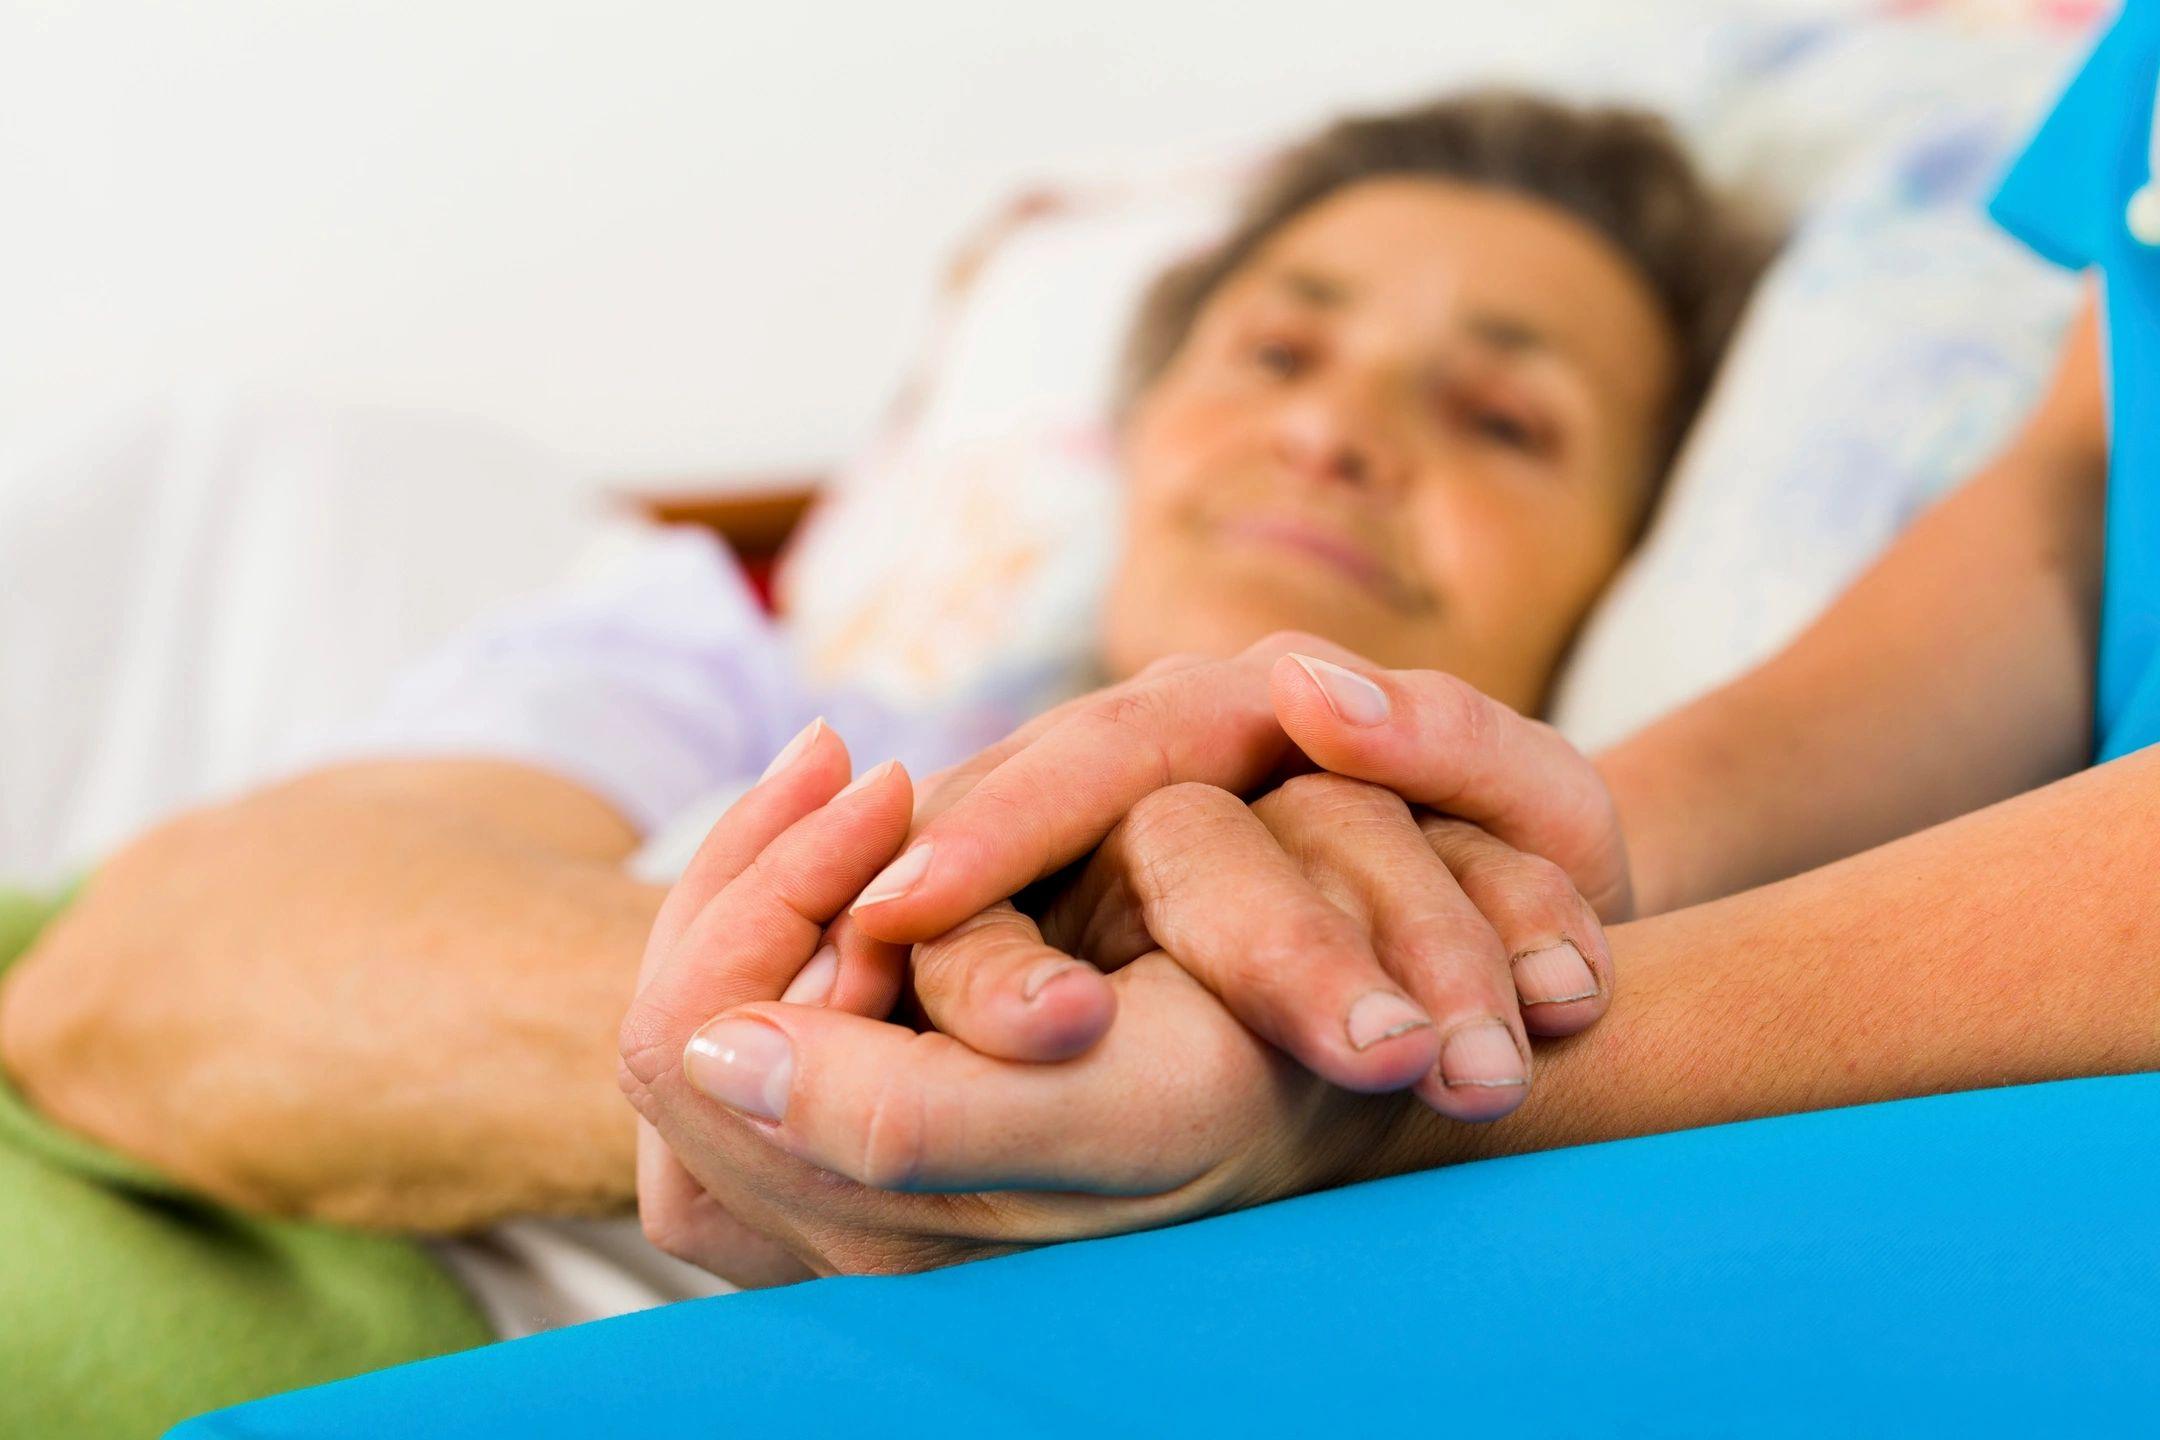 А уход за лежачими больными в домашних